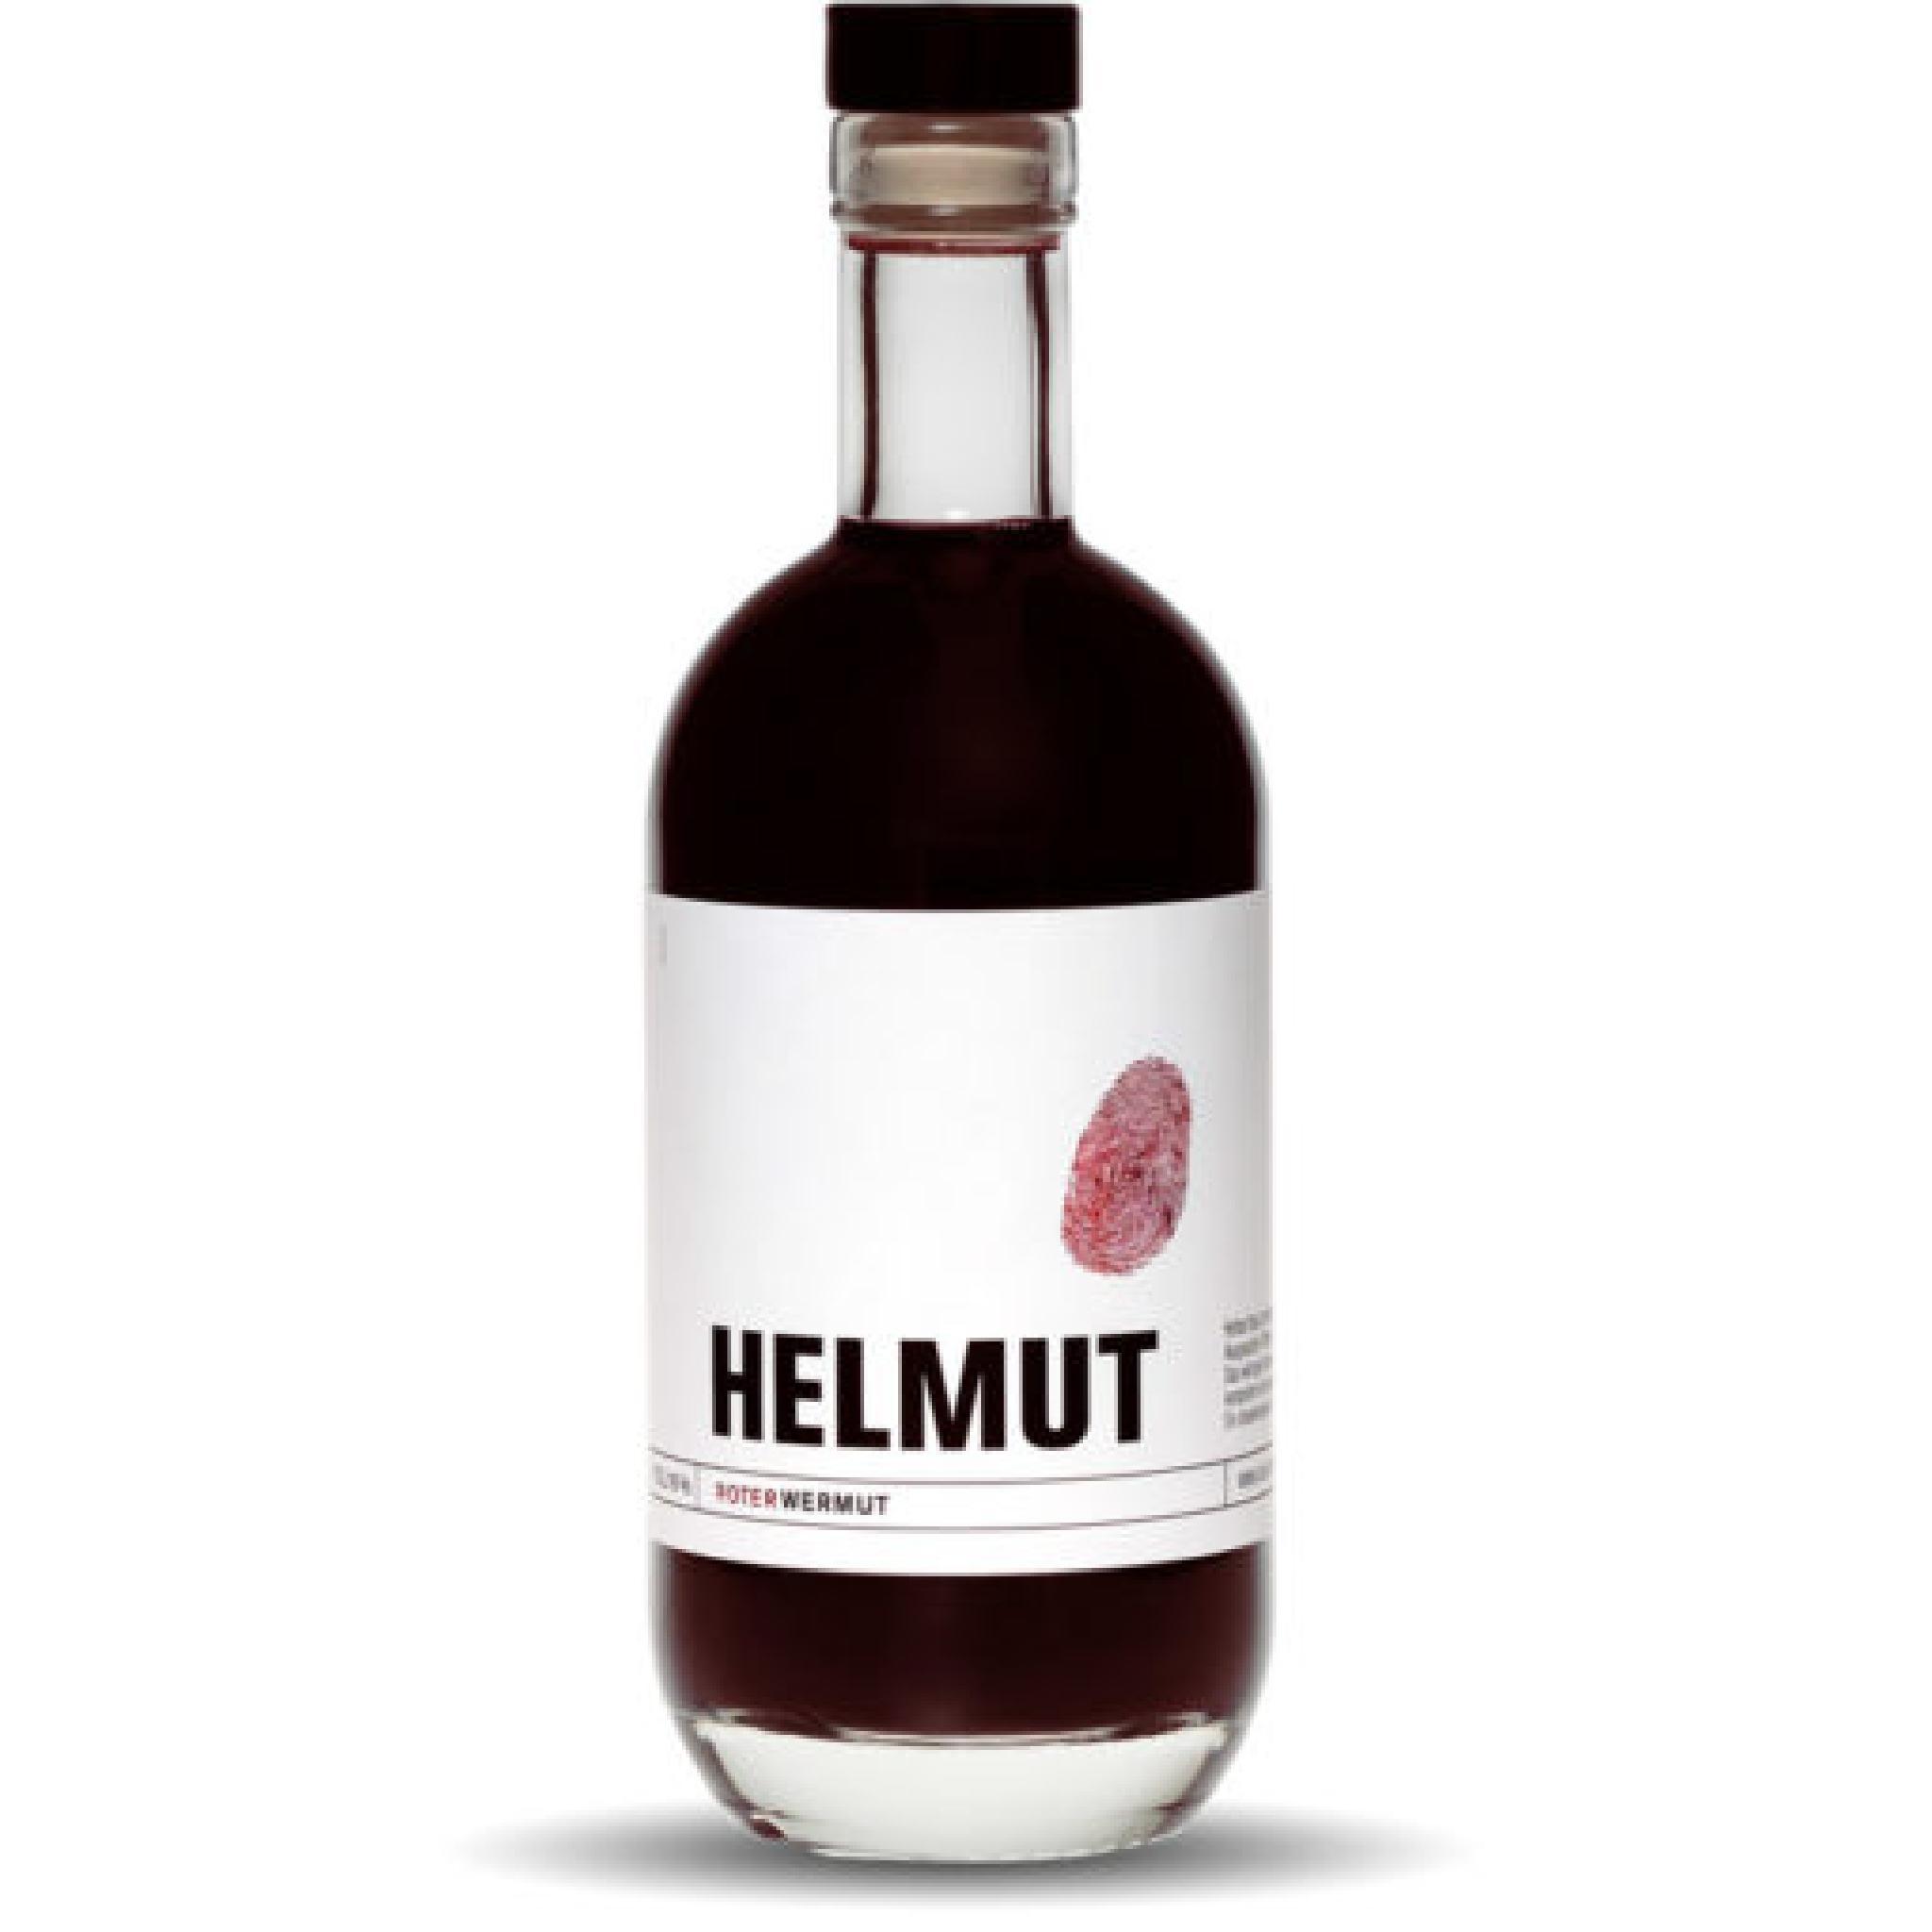 Helmut der Rote, 17% VOL.